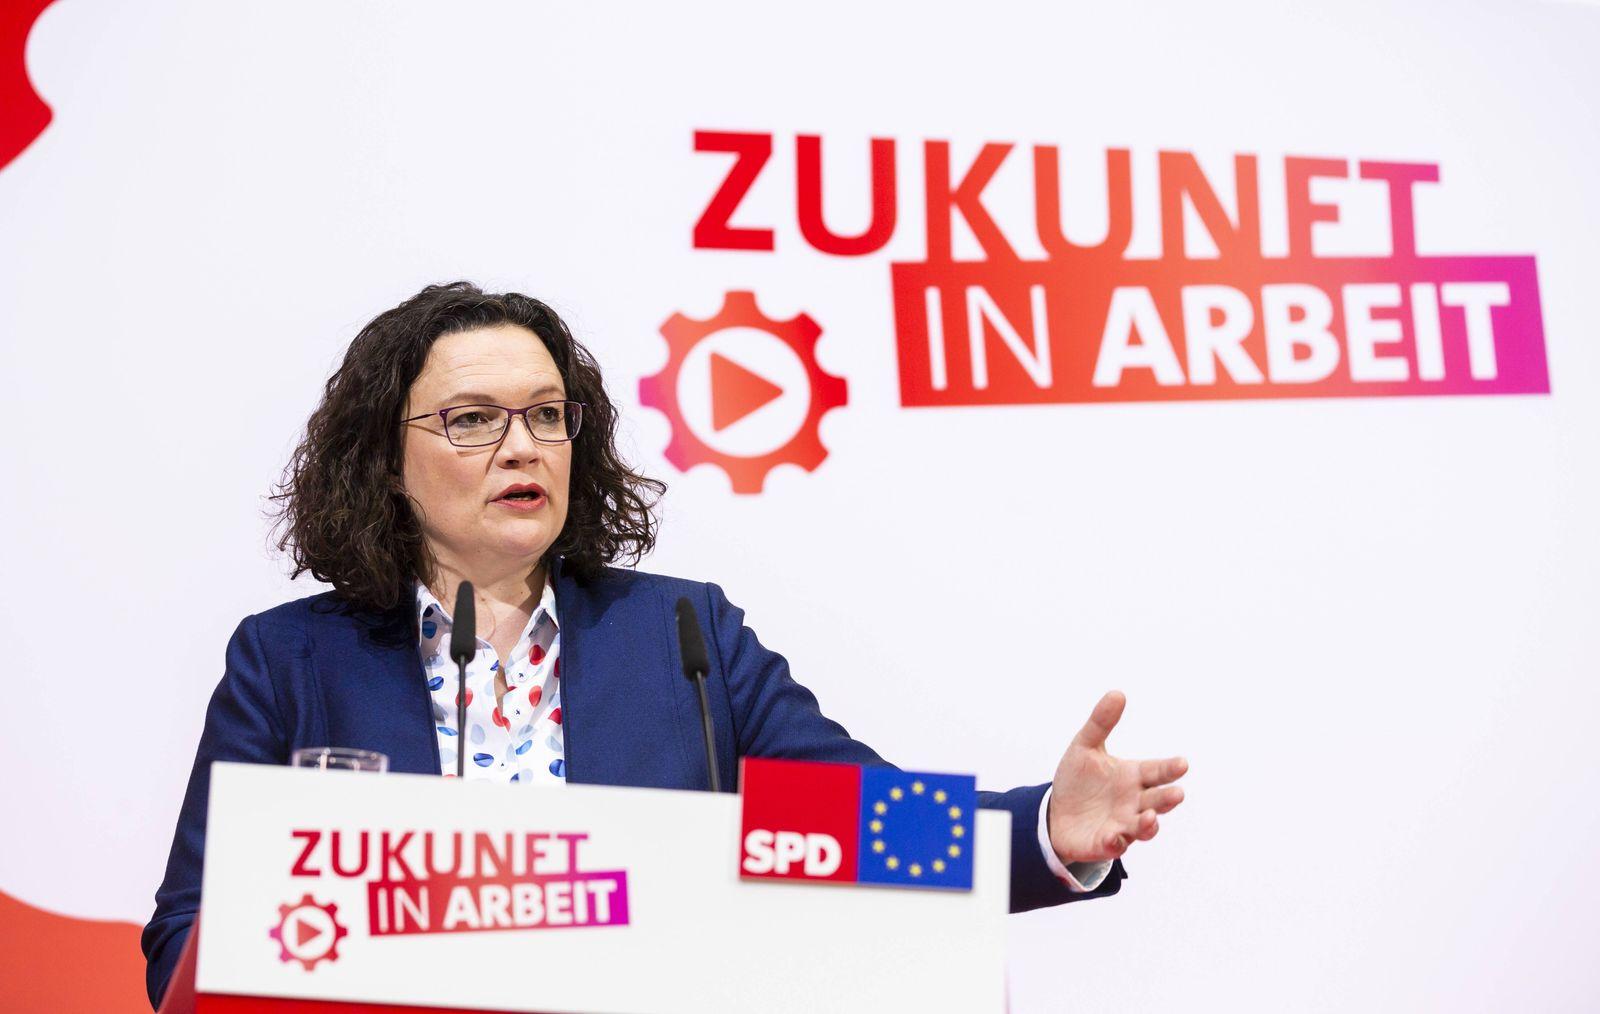 SPD Vorsitzende Andrea Nahles gibt ein Statement am Ende der Jahresauftaktklausur der SPD Spitze im